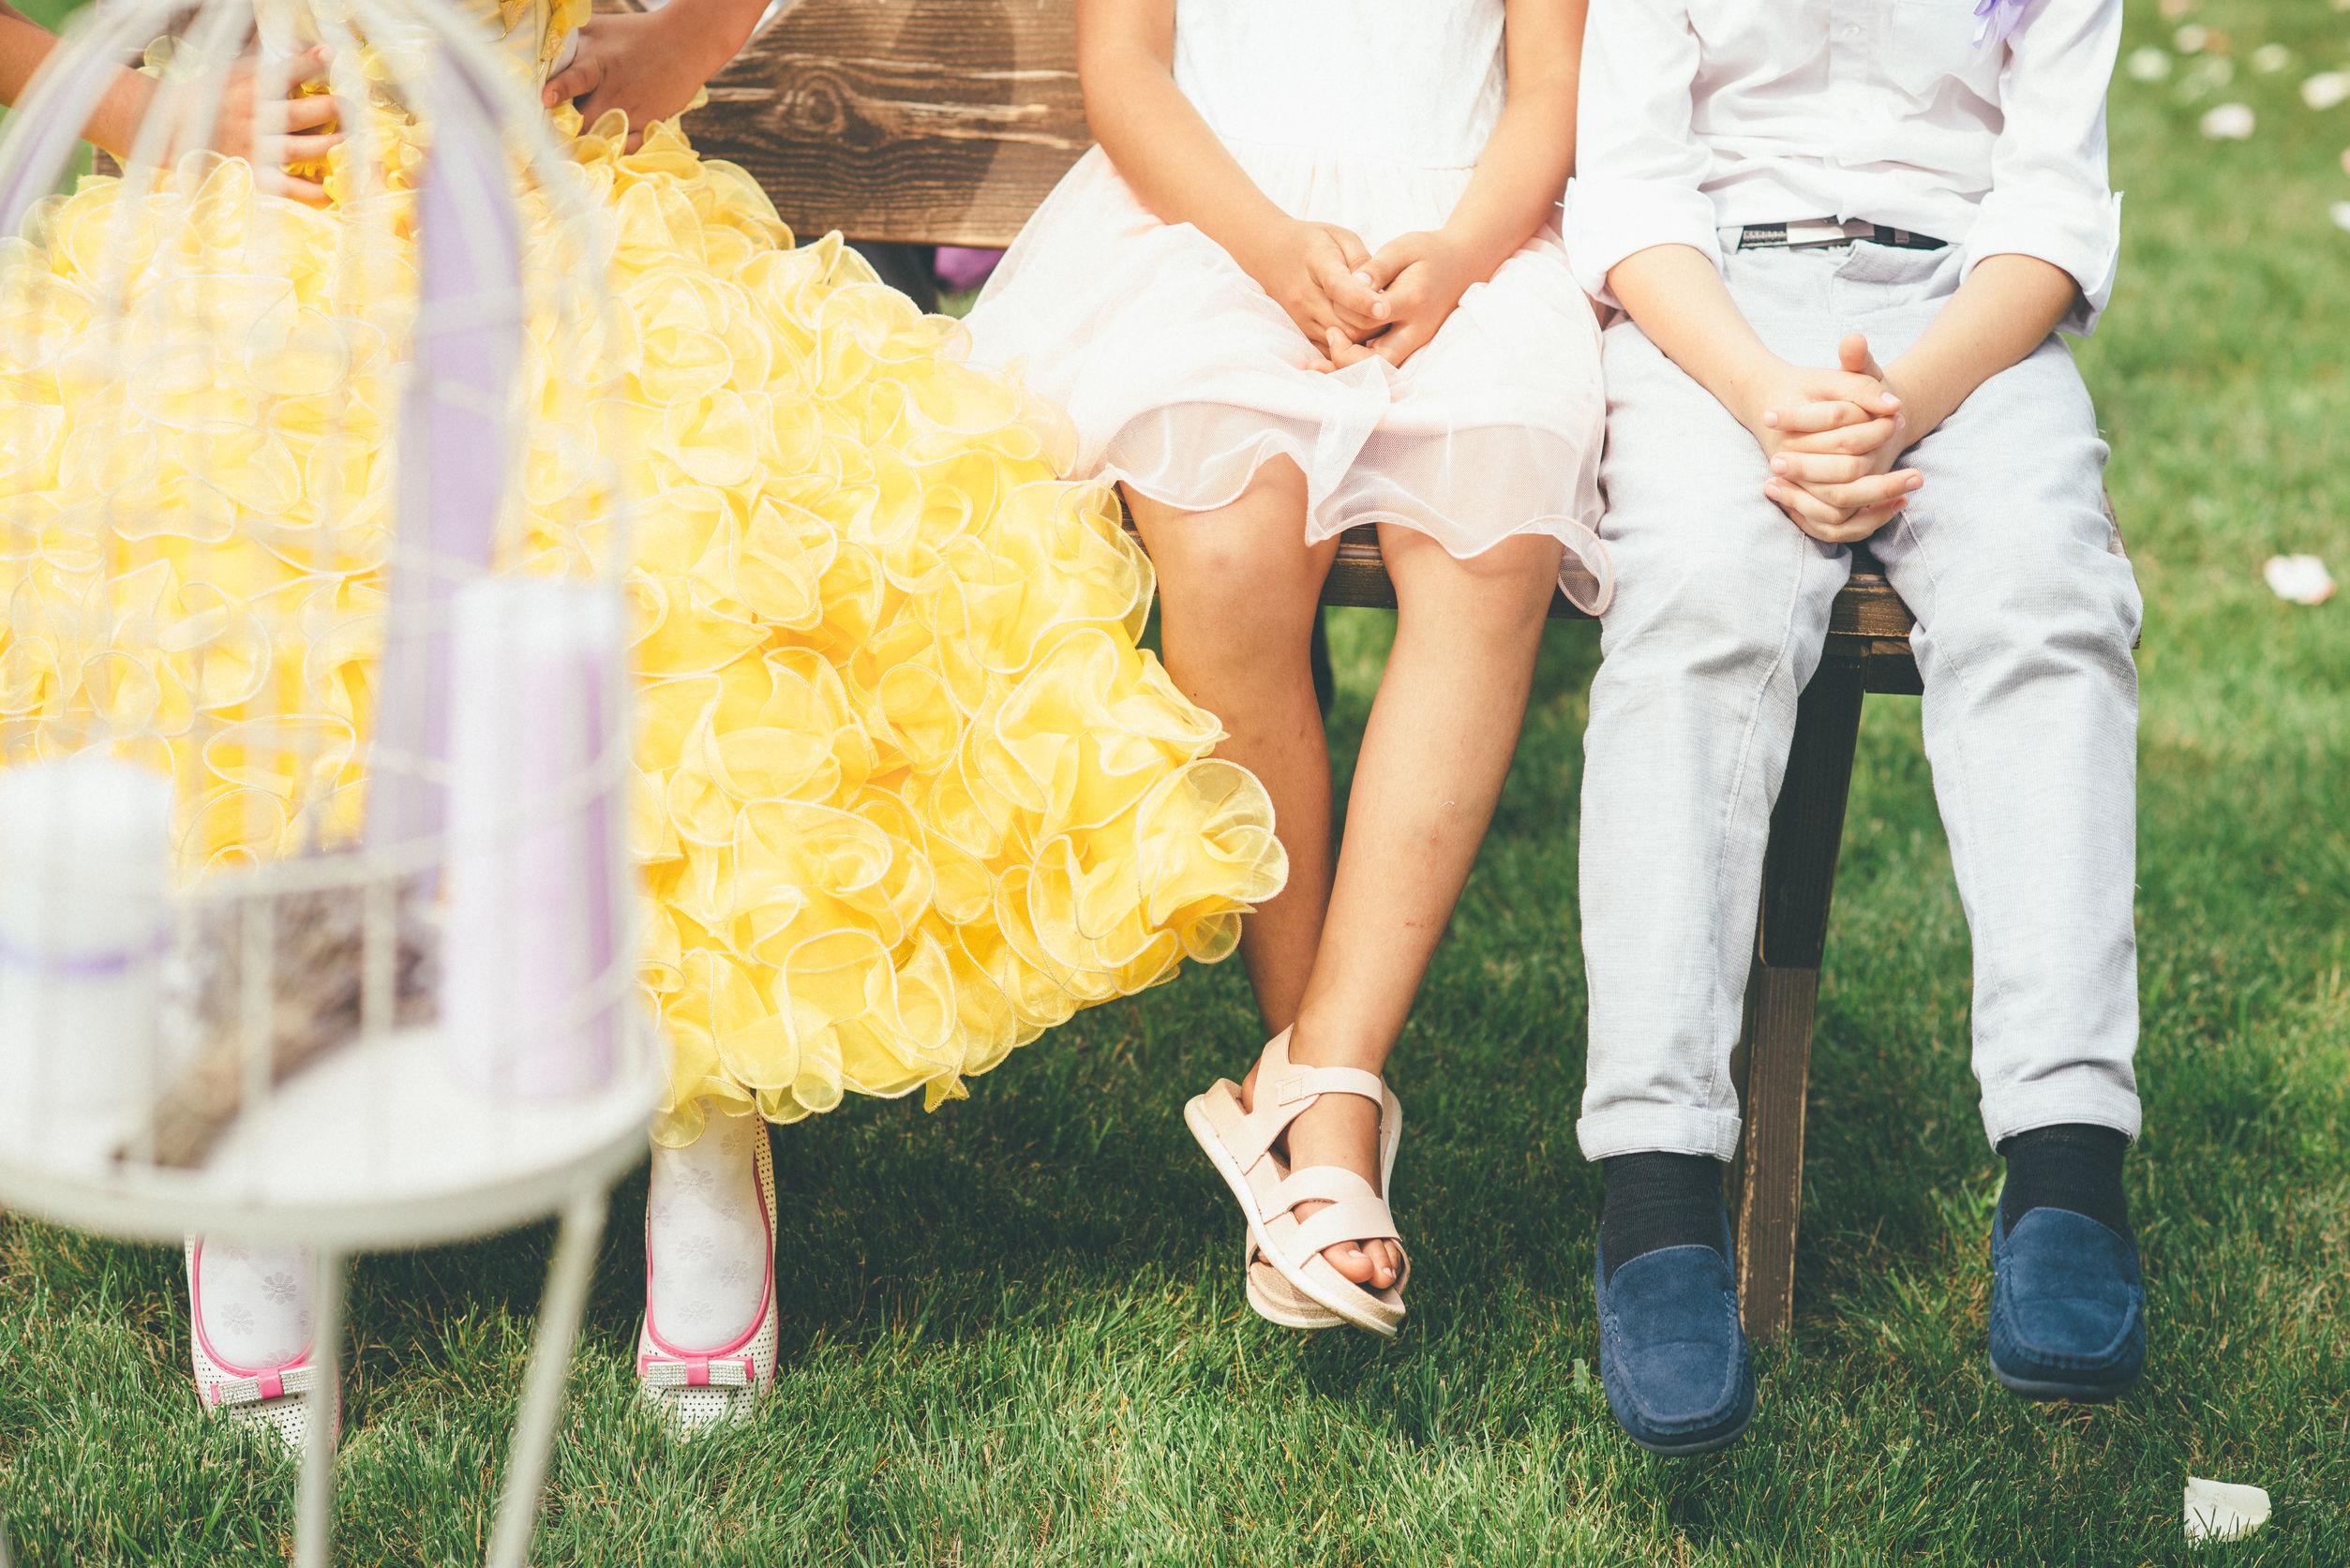 Tres niños vestidos de fiesta, sentados en un banco, una niña tiene un vestido amarillo muy atractivo y sandalias.